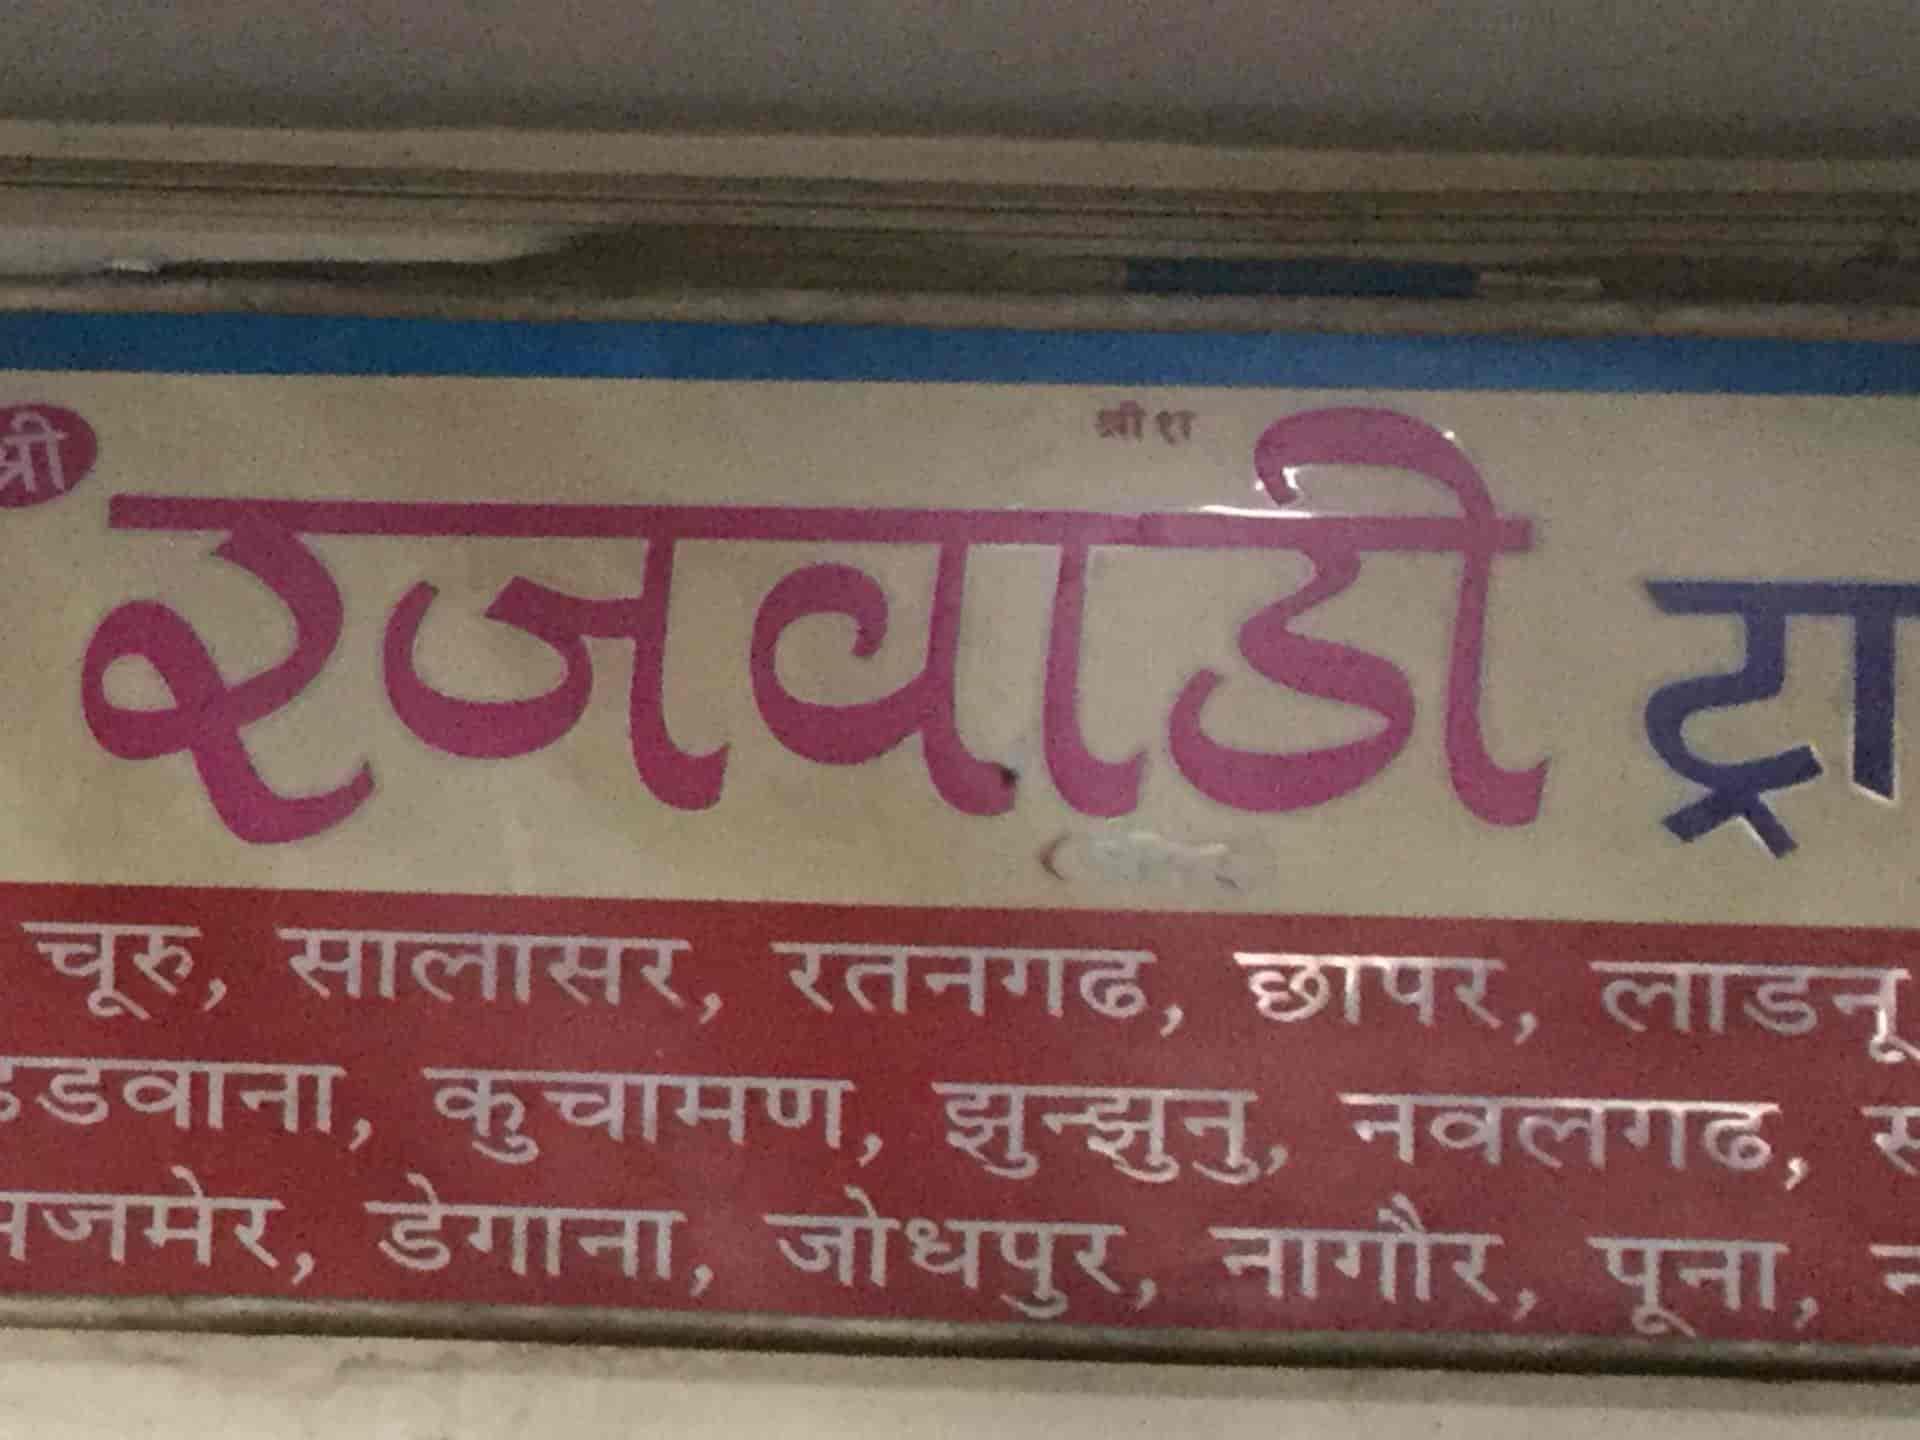 Rajwadi Travels, Sahara Darwaja - Bus Services in Surat